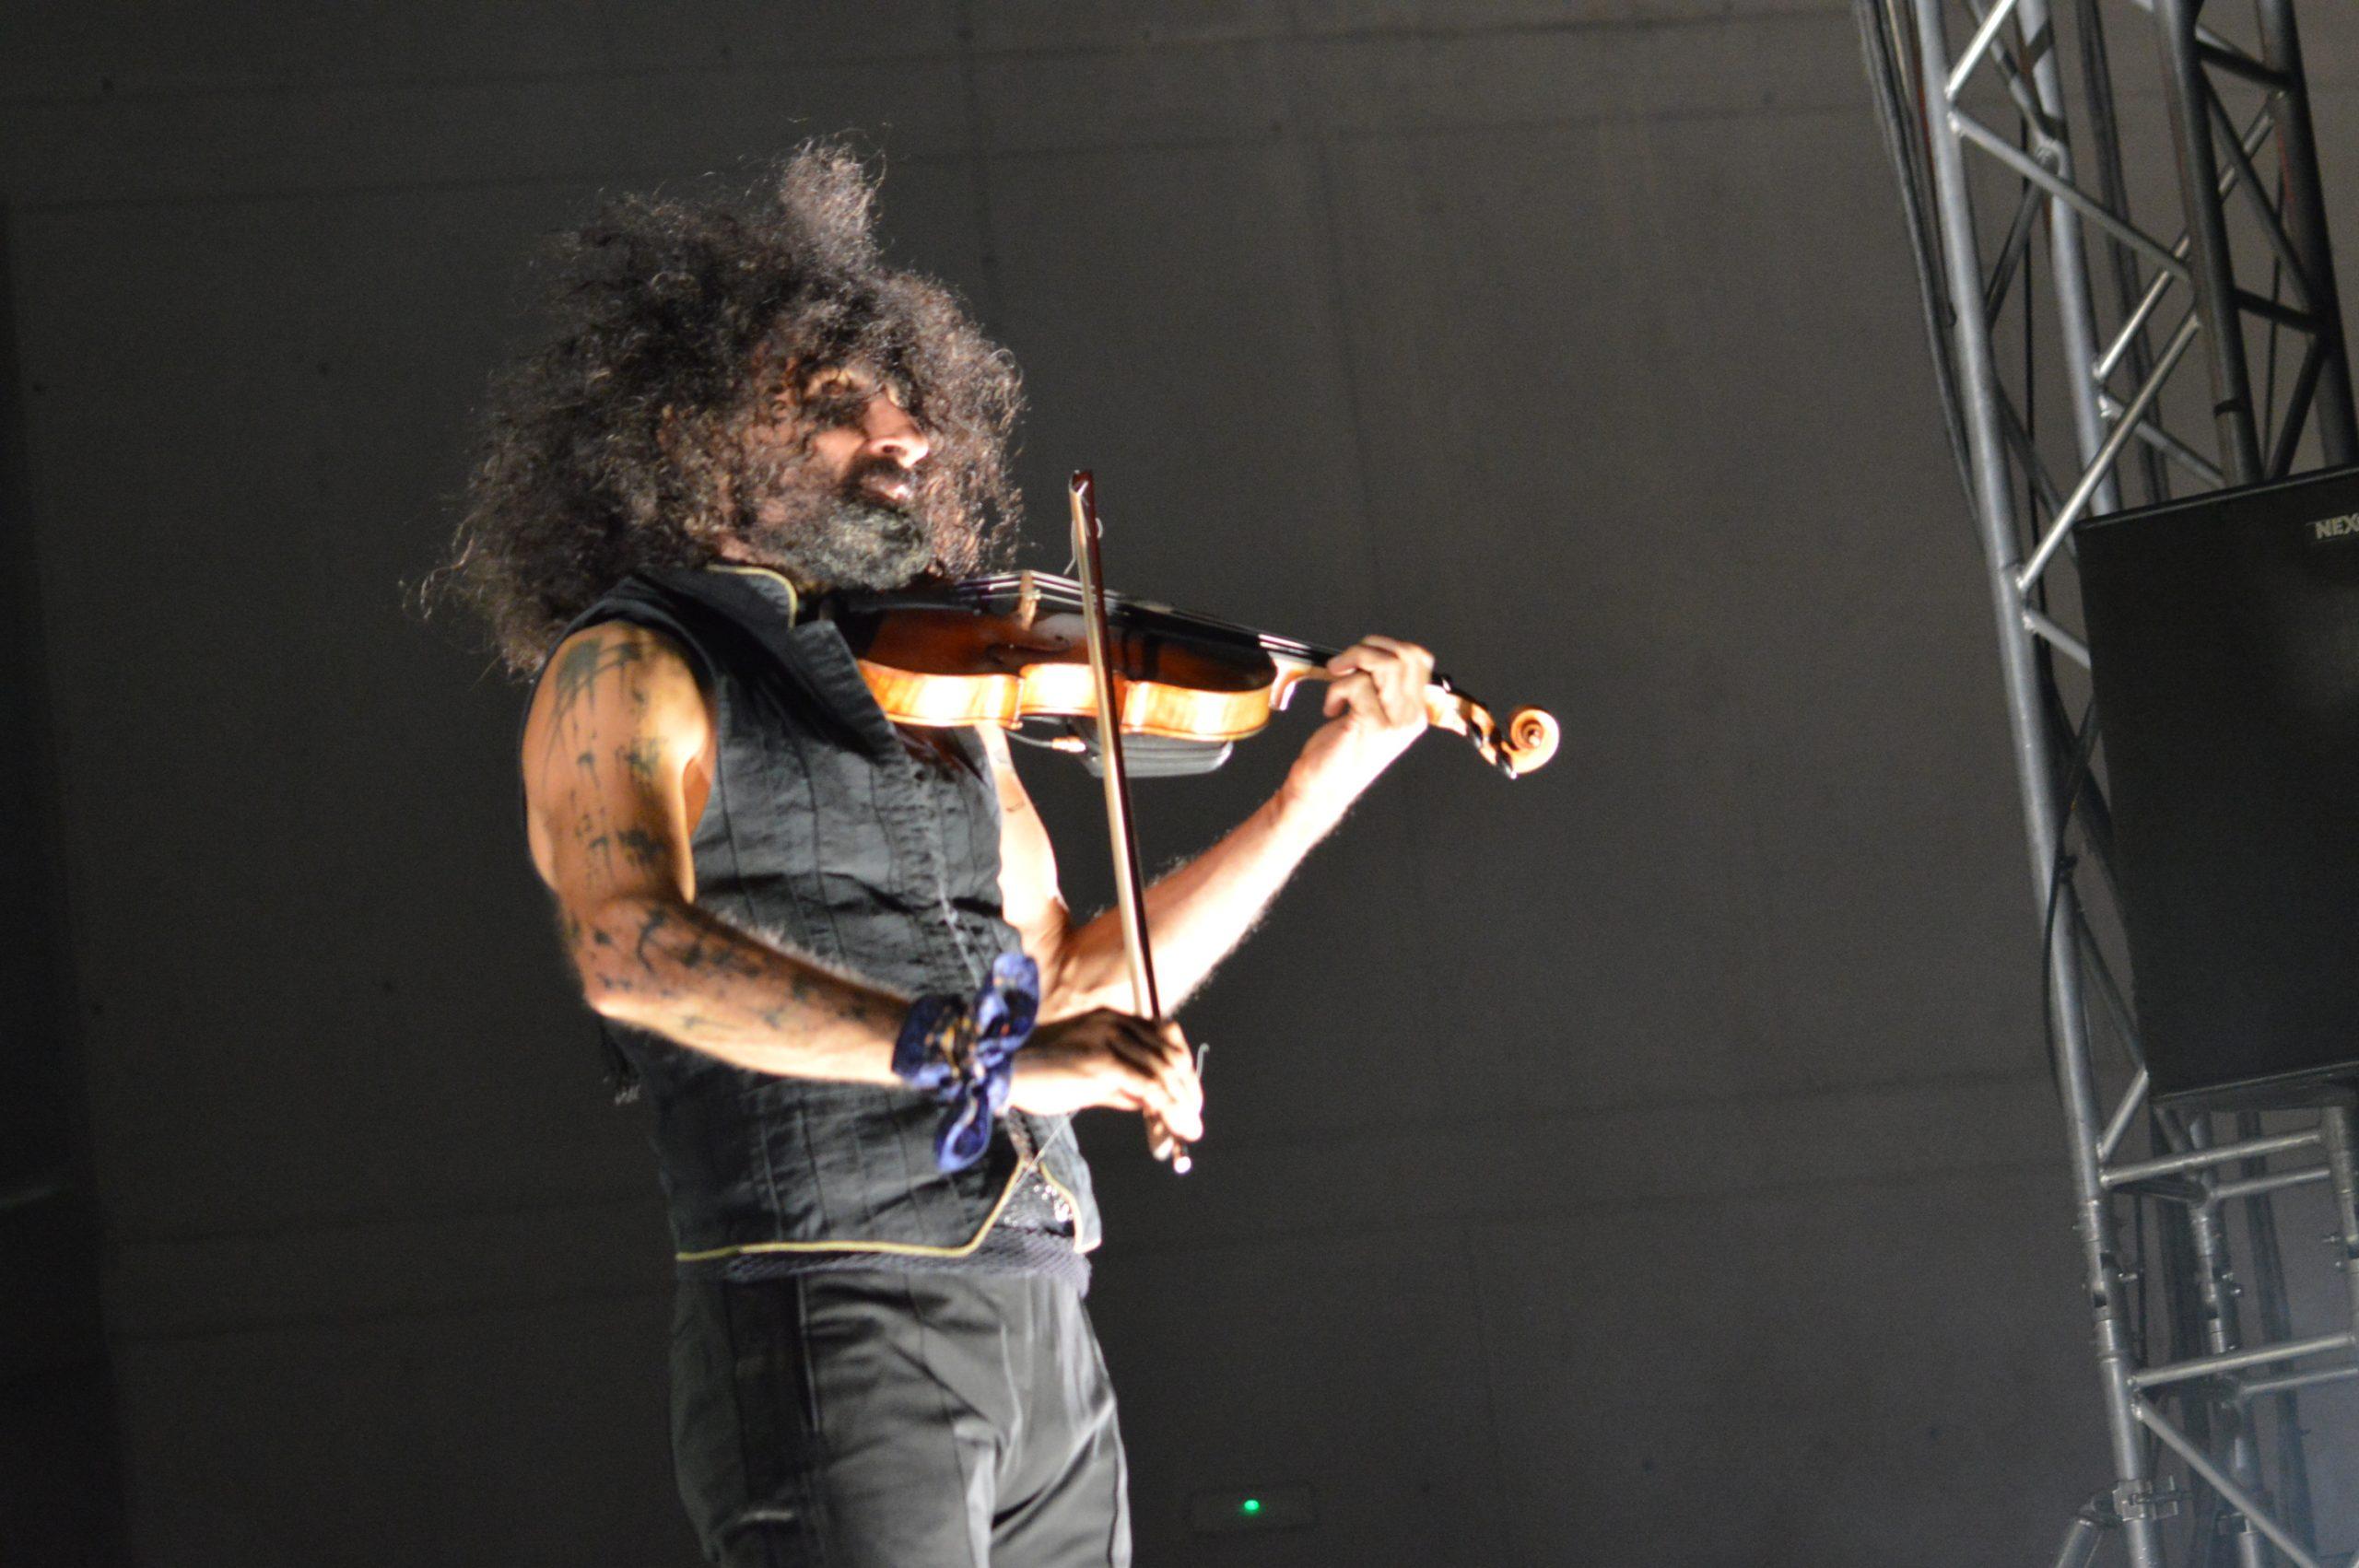 Ara Malikian emociona en su regreso a Ponferrada demostrando una vez más su virtuosismo con el violín 32